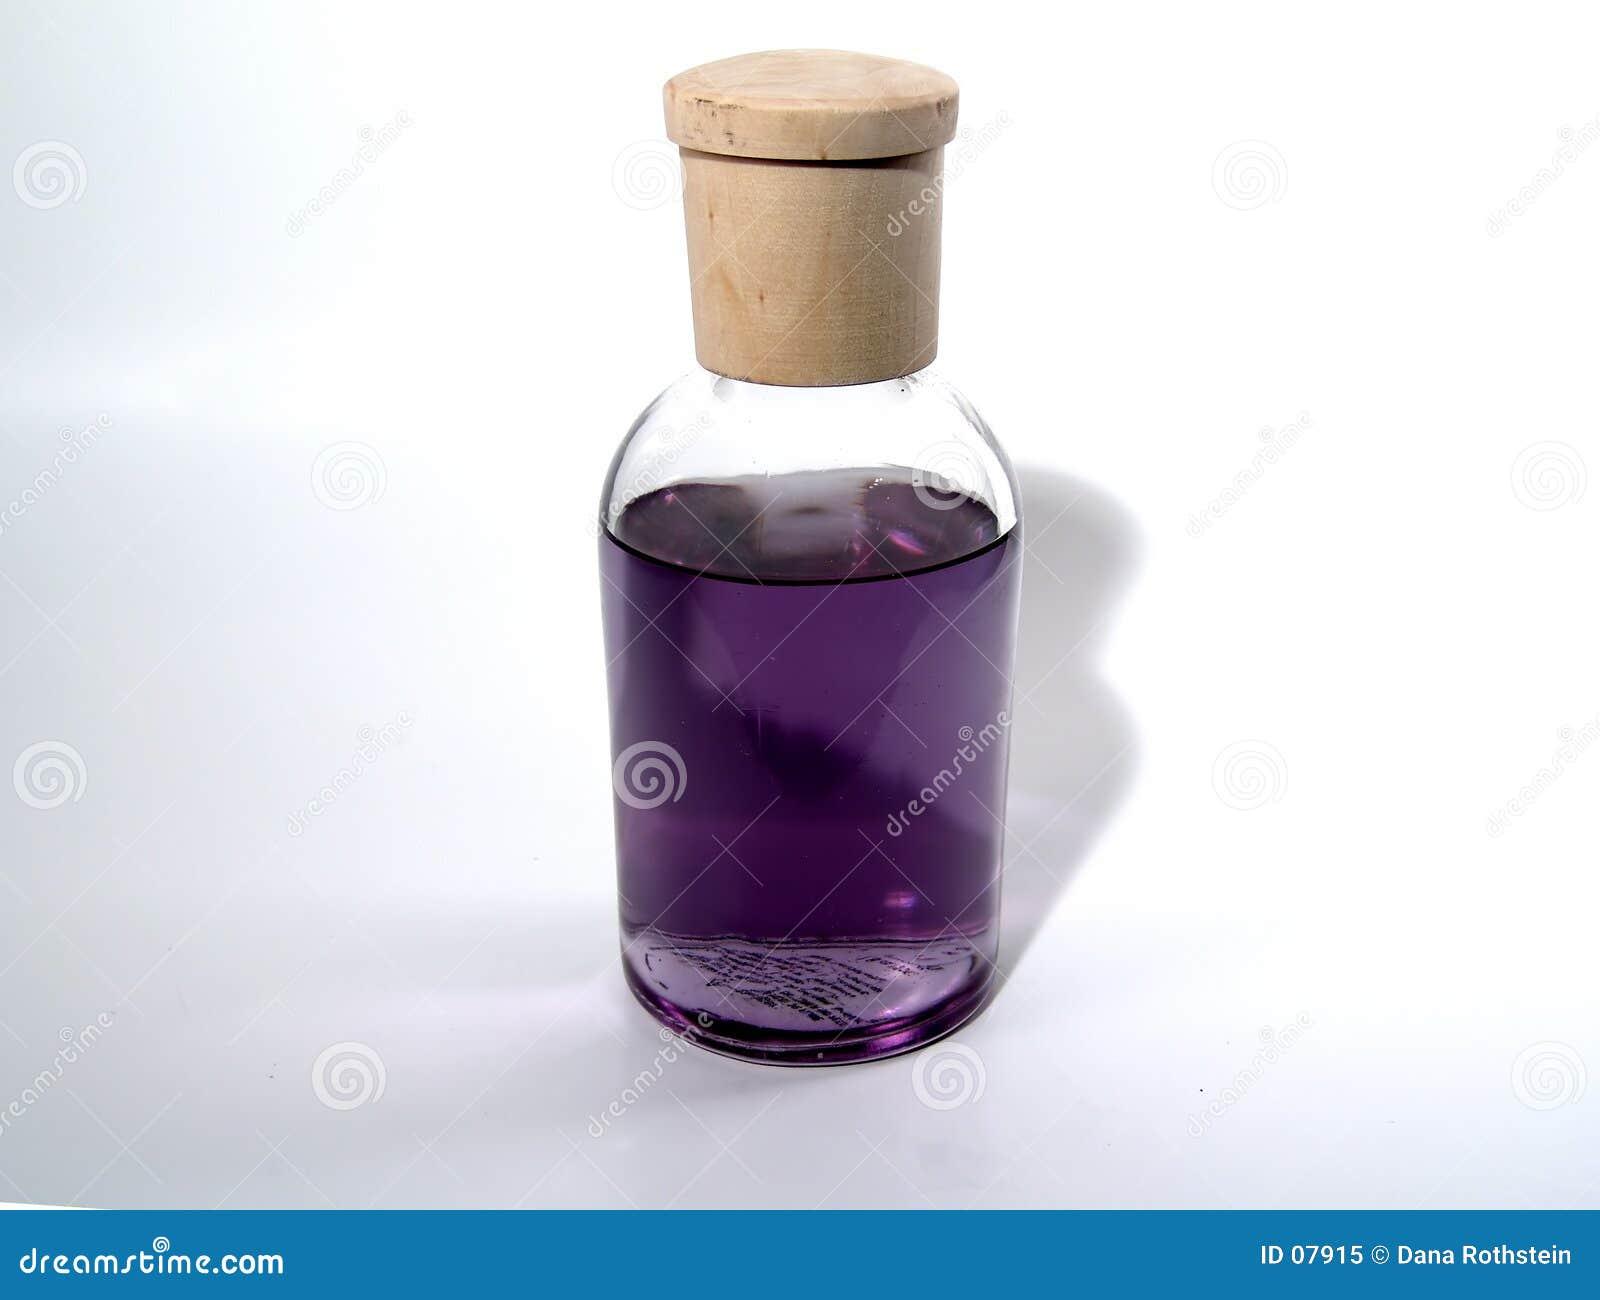 Botella si incienso